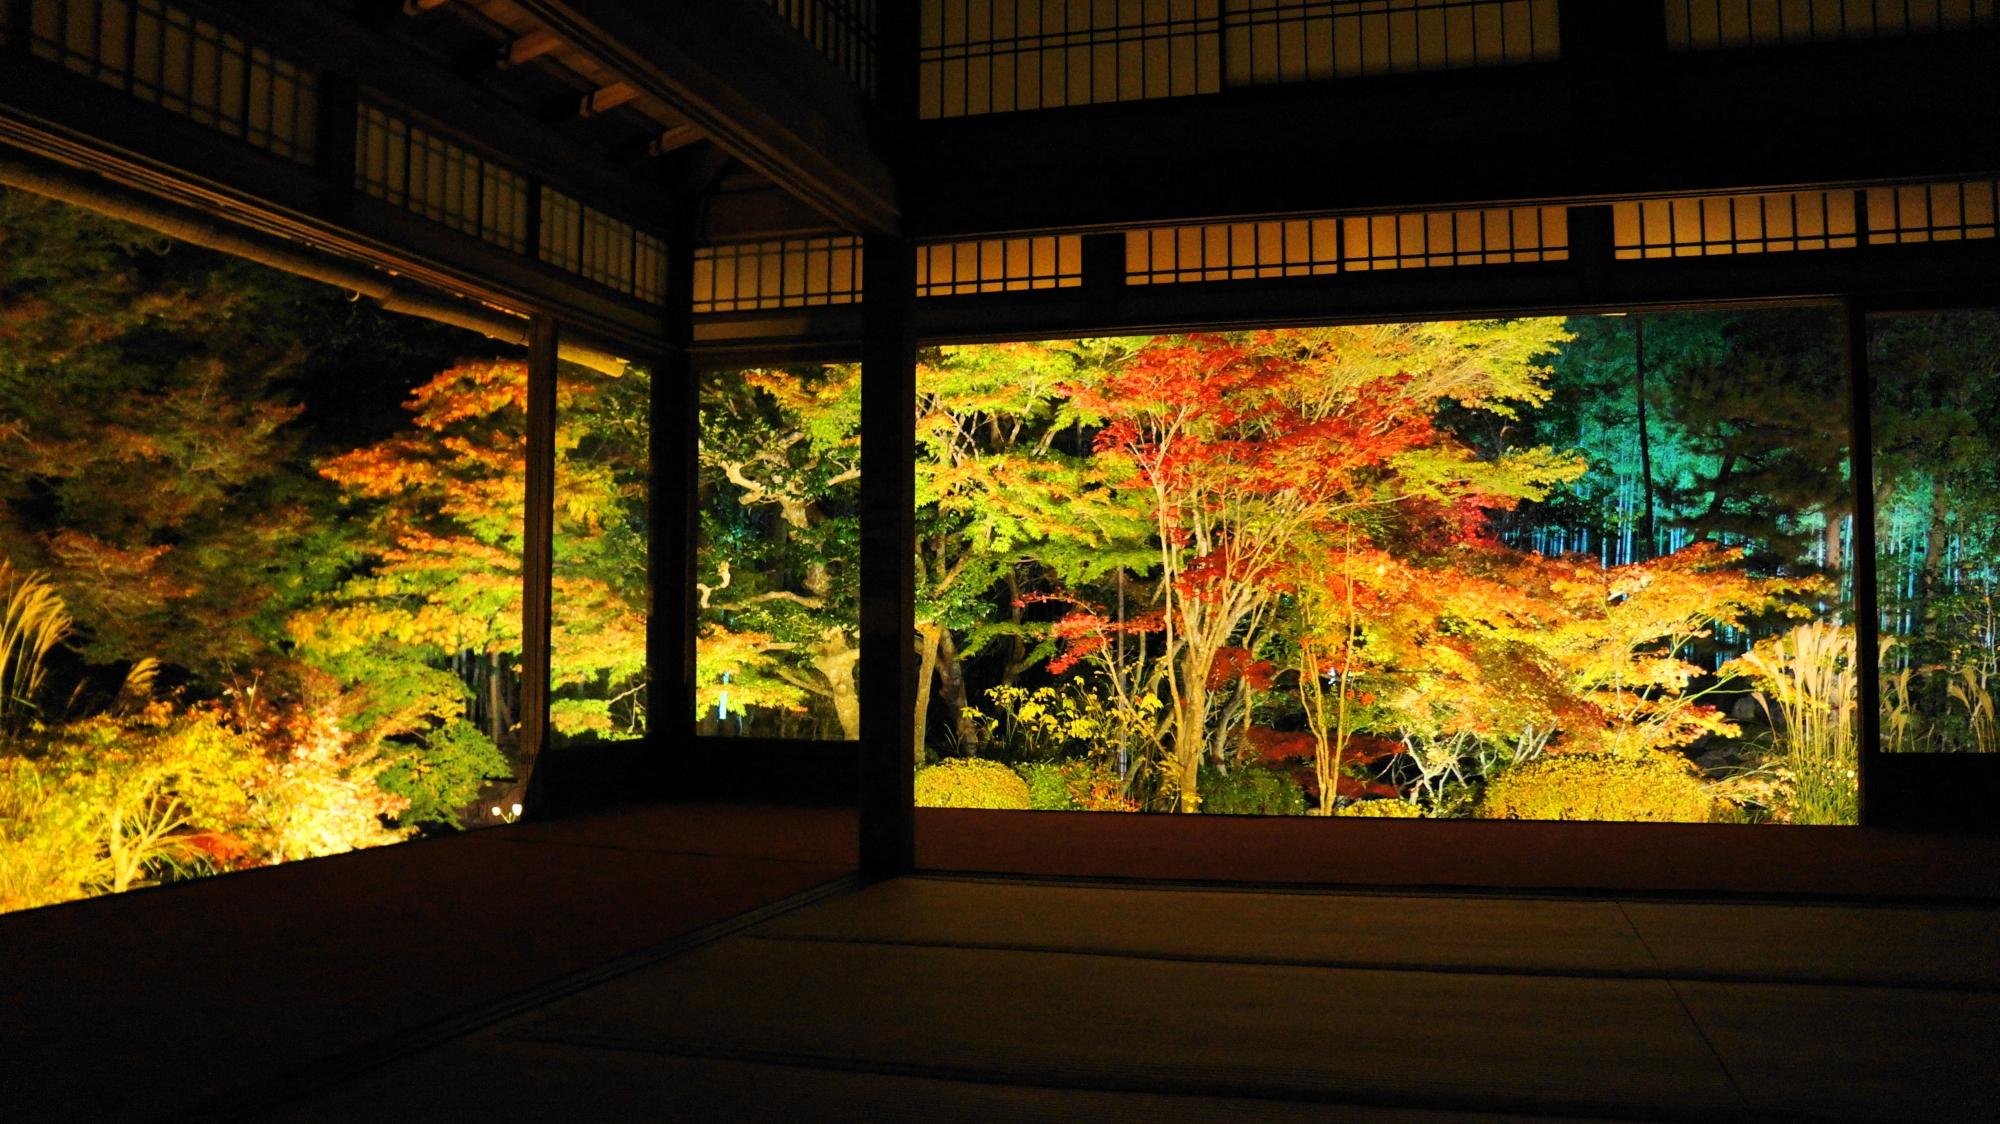 浮かび上がる天寿庵の幻想的な光景